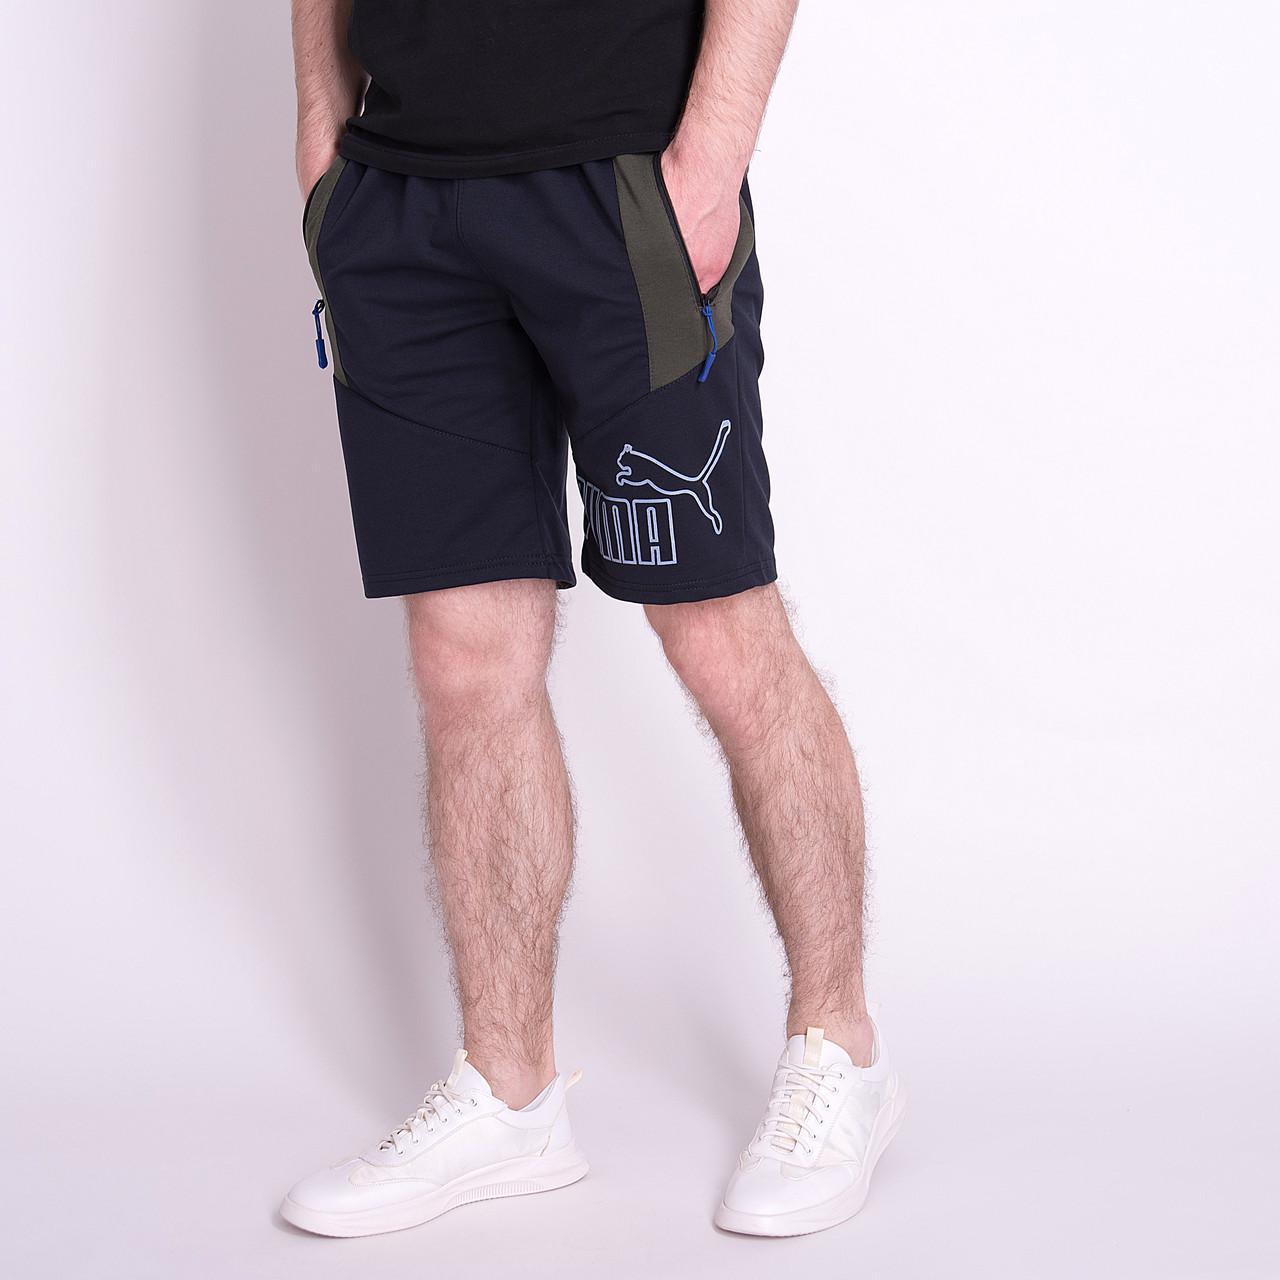 Чоловічі трикотажні шорти PUMA, темно-синього кольору